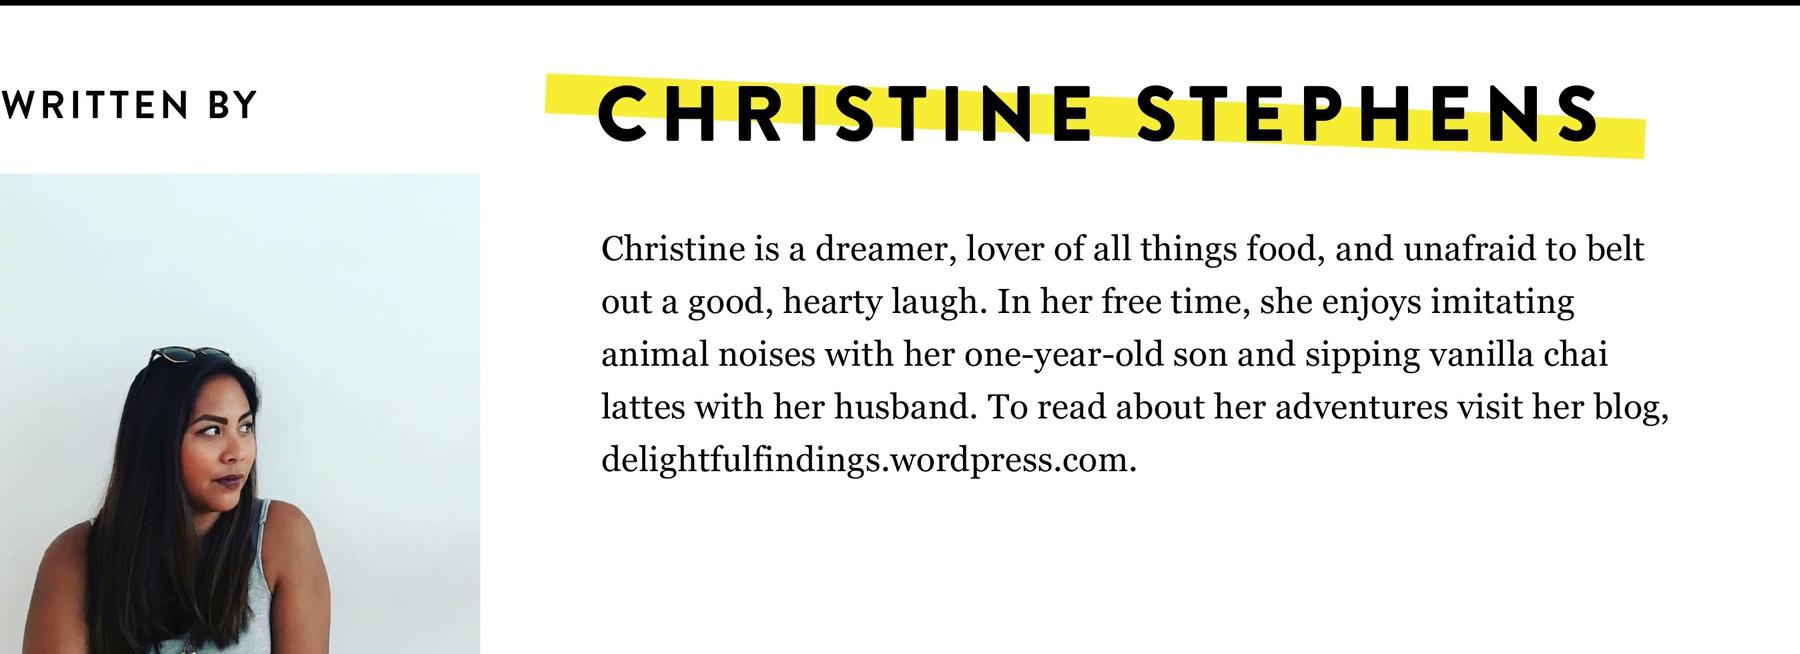 CHRISTINE STEPHENS BIO